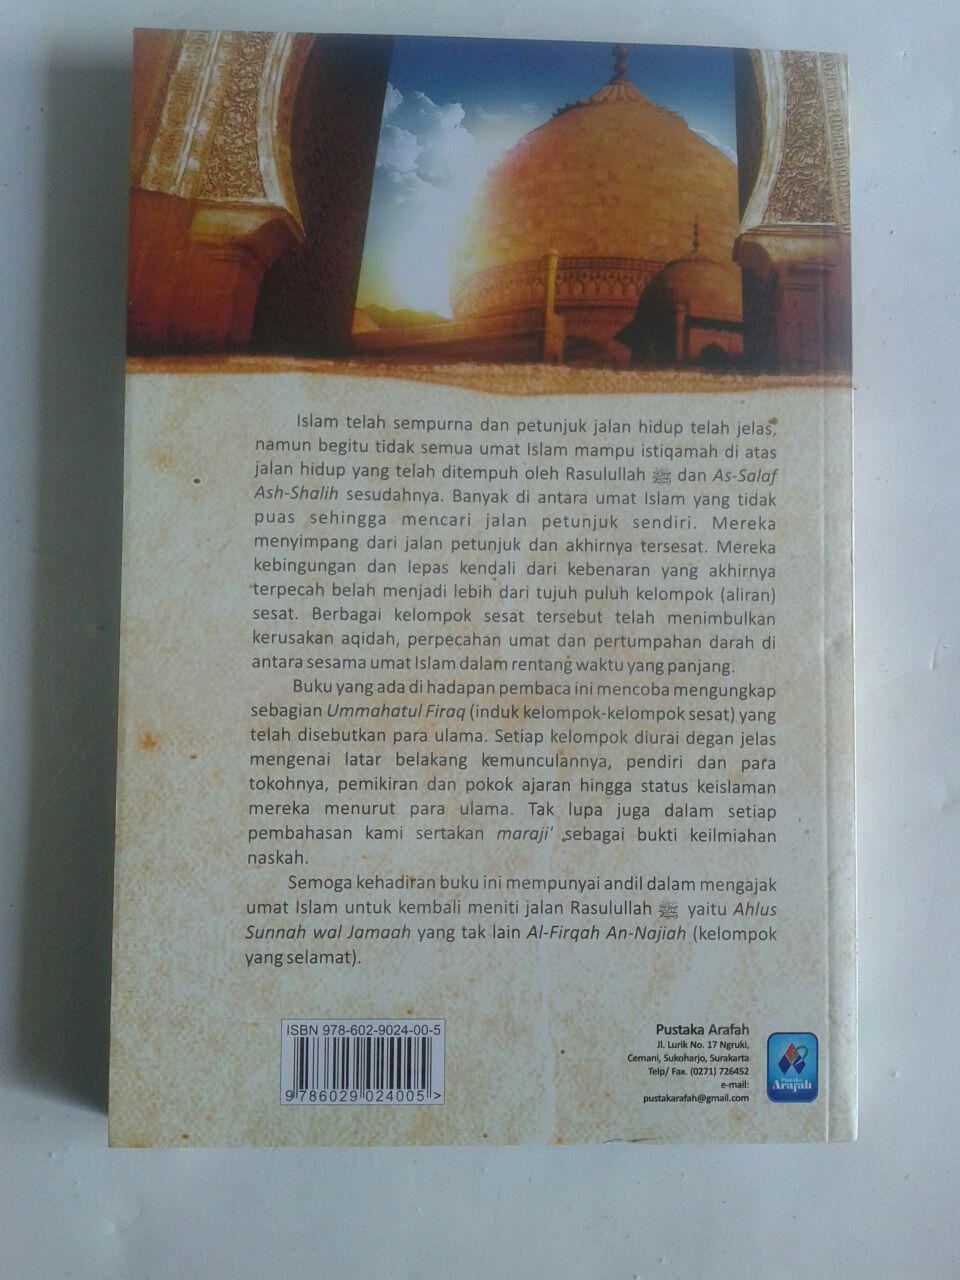 Buku Dirasatul Firaq Mengenal Madzhab Teologi Islam Klasik cover